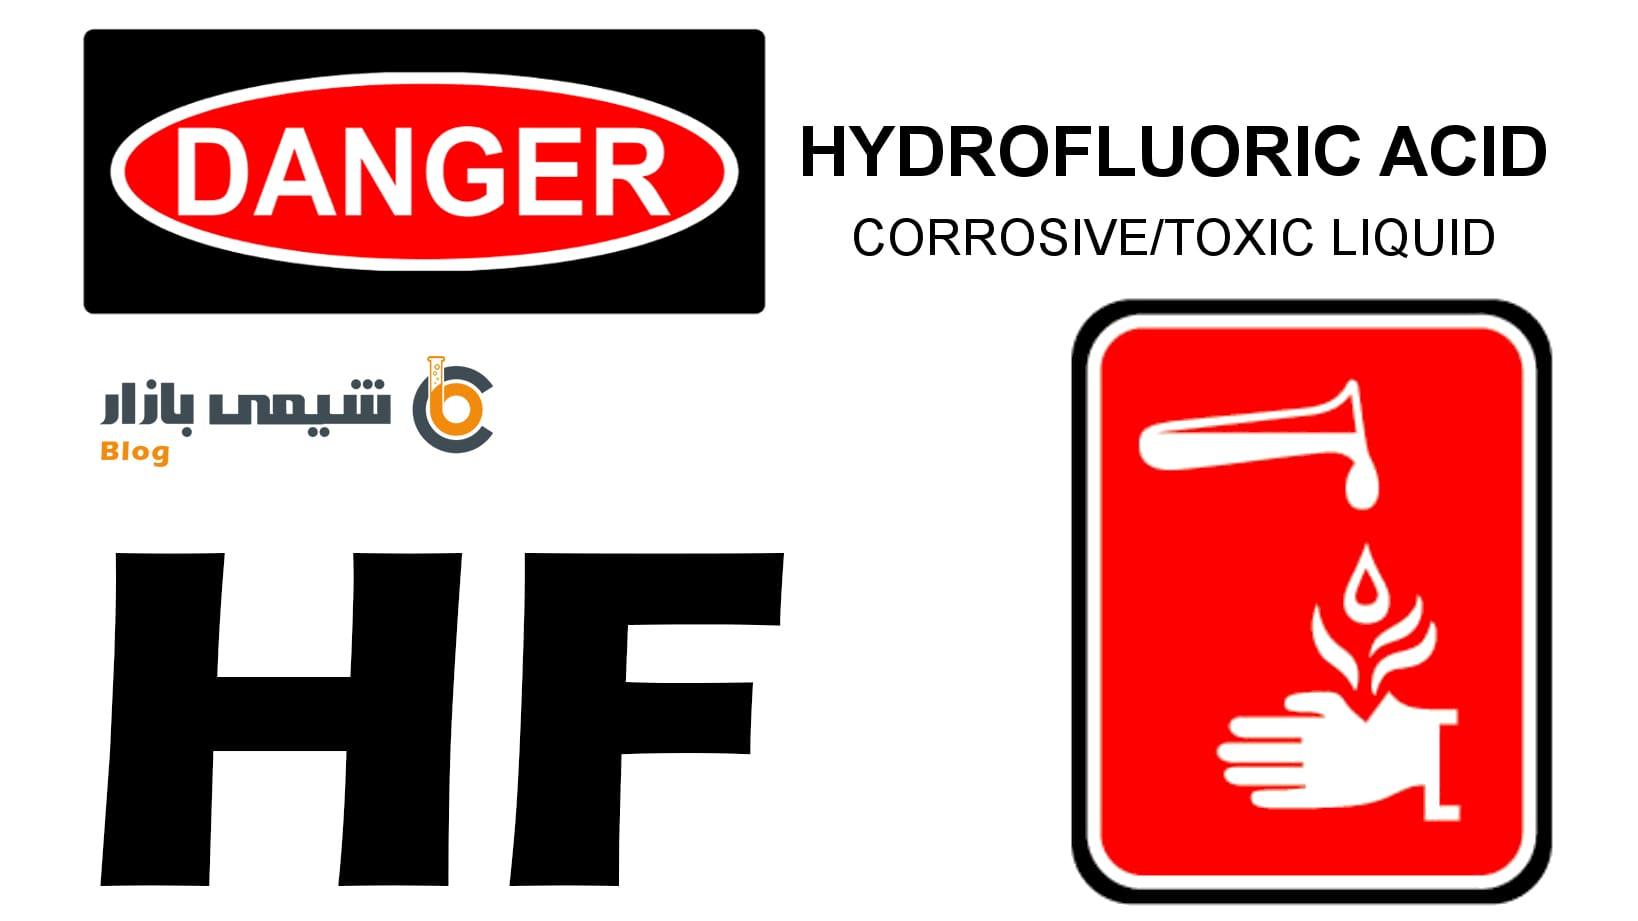 نکات ایمنی و خطرات هیدروفلوئوریک اسید